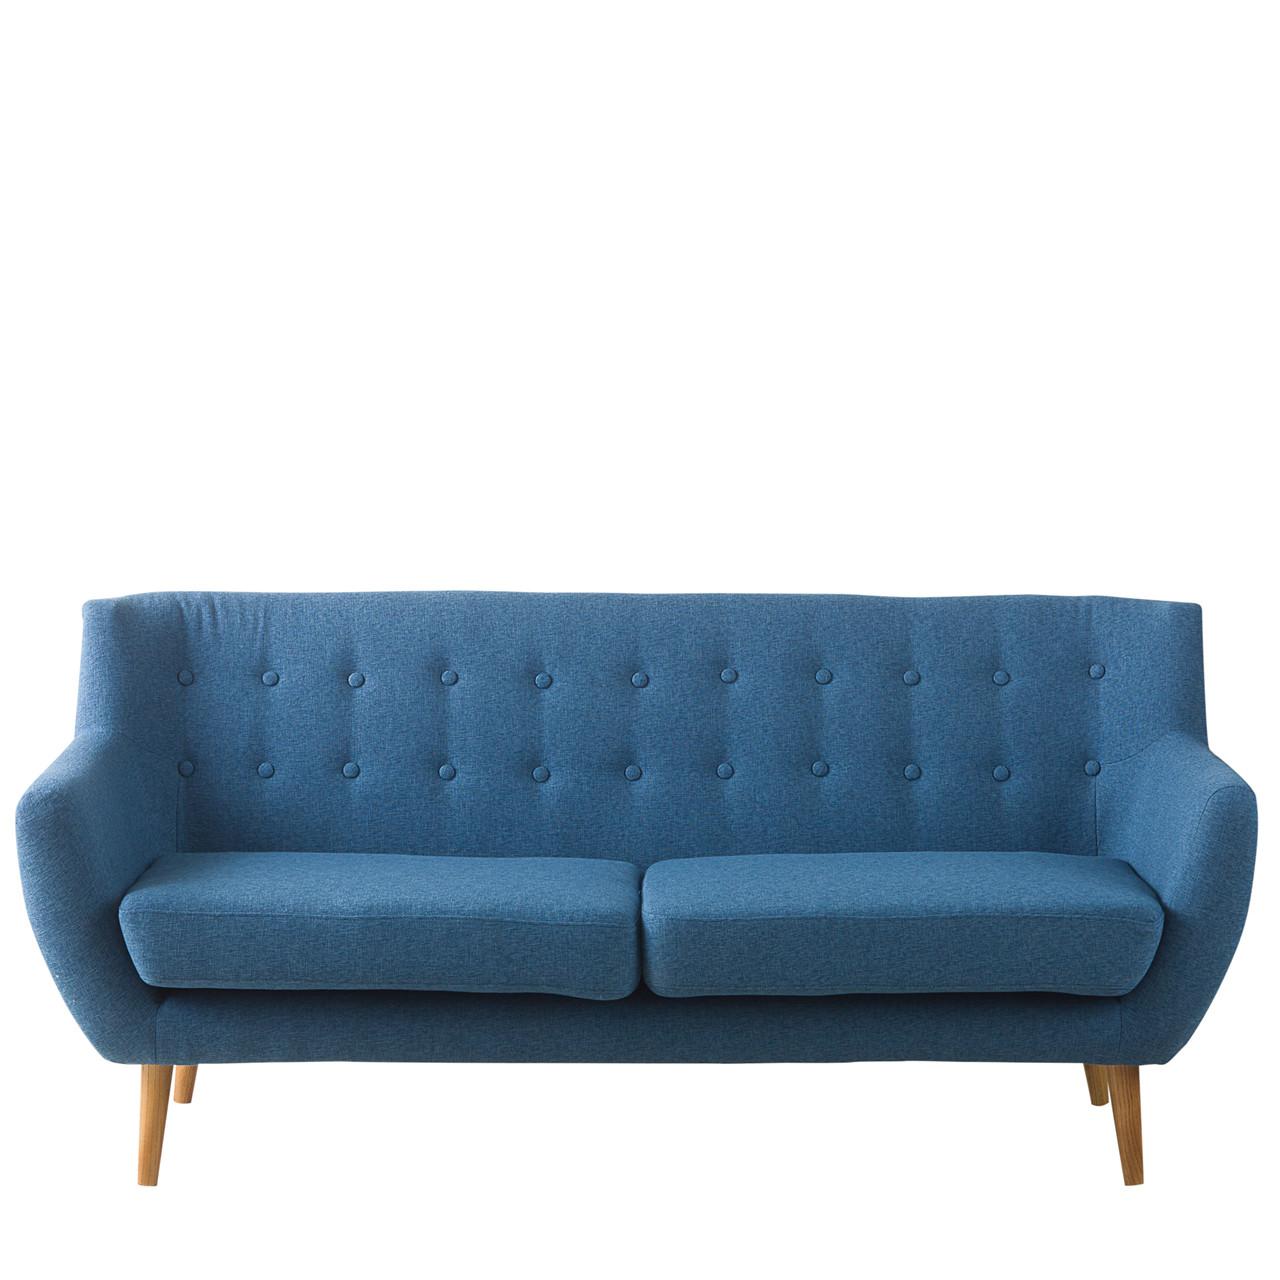 sofa blå MIAMI 2½ pers. sofa blå » Køb her sofa blå